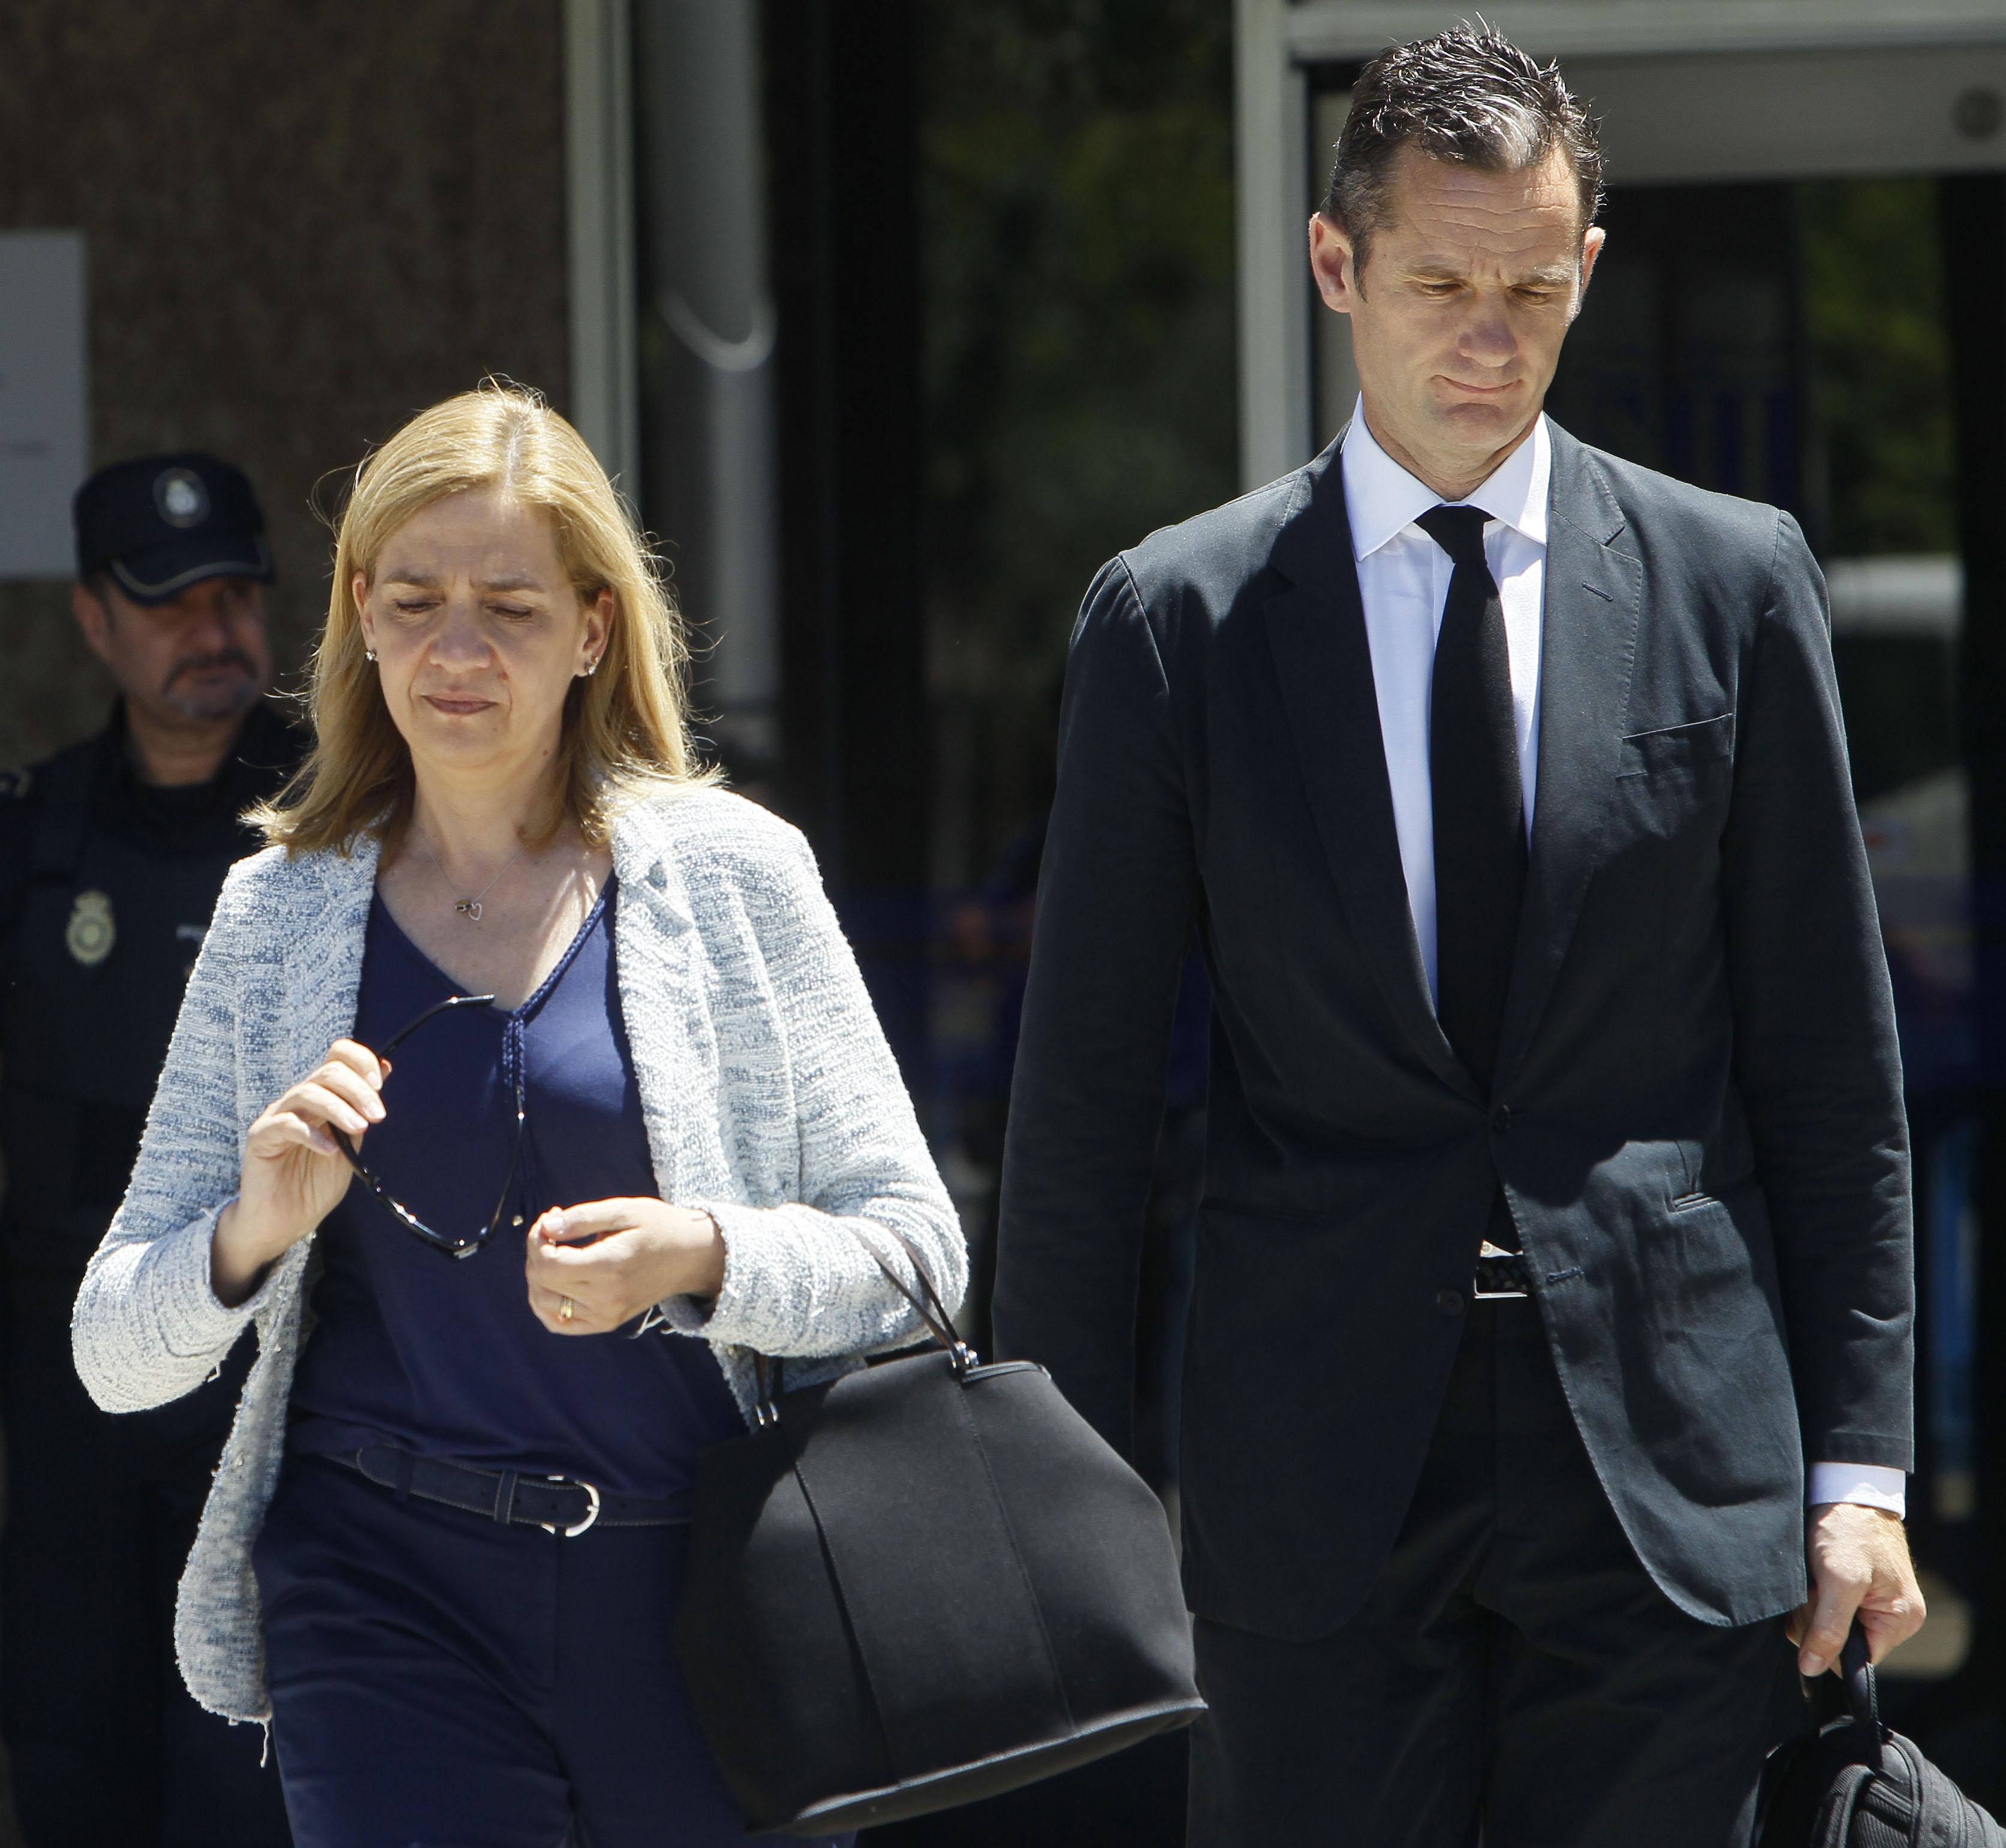 Princesa Cristina de España y su esposo Inaki Urdangarin